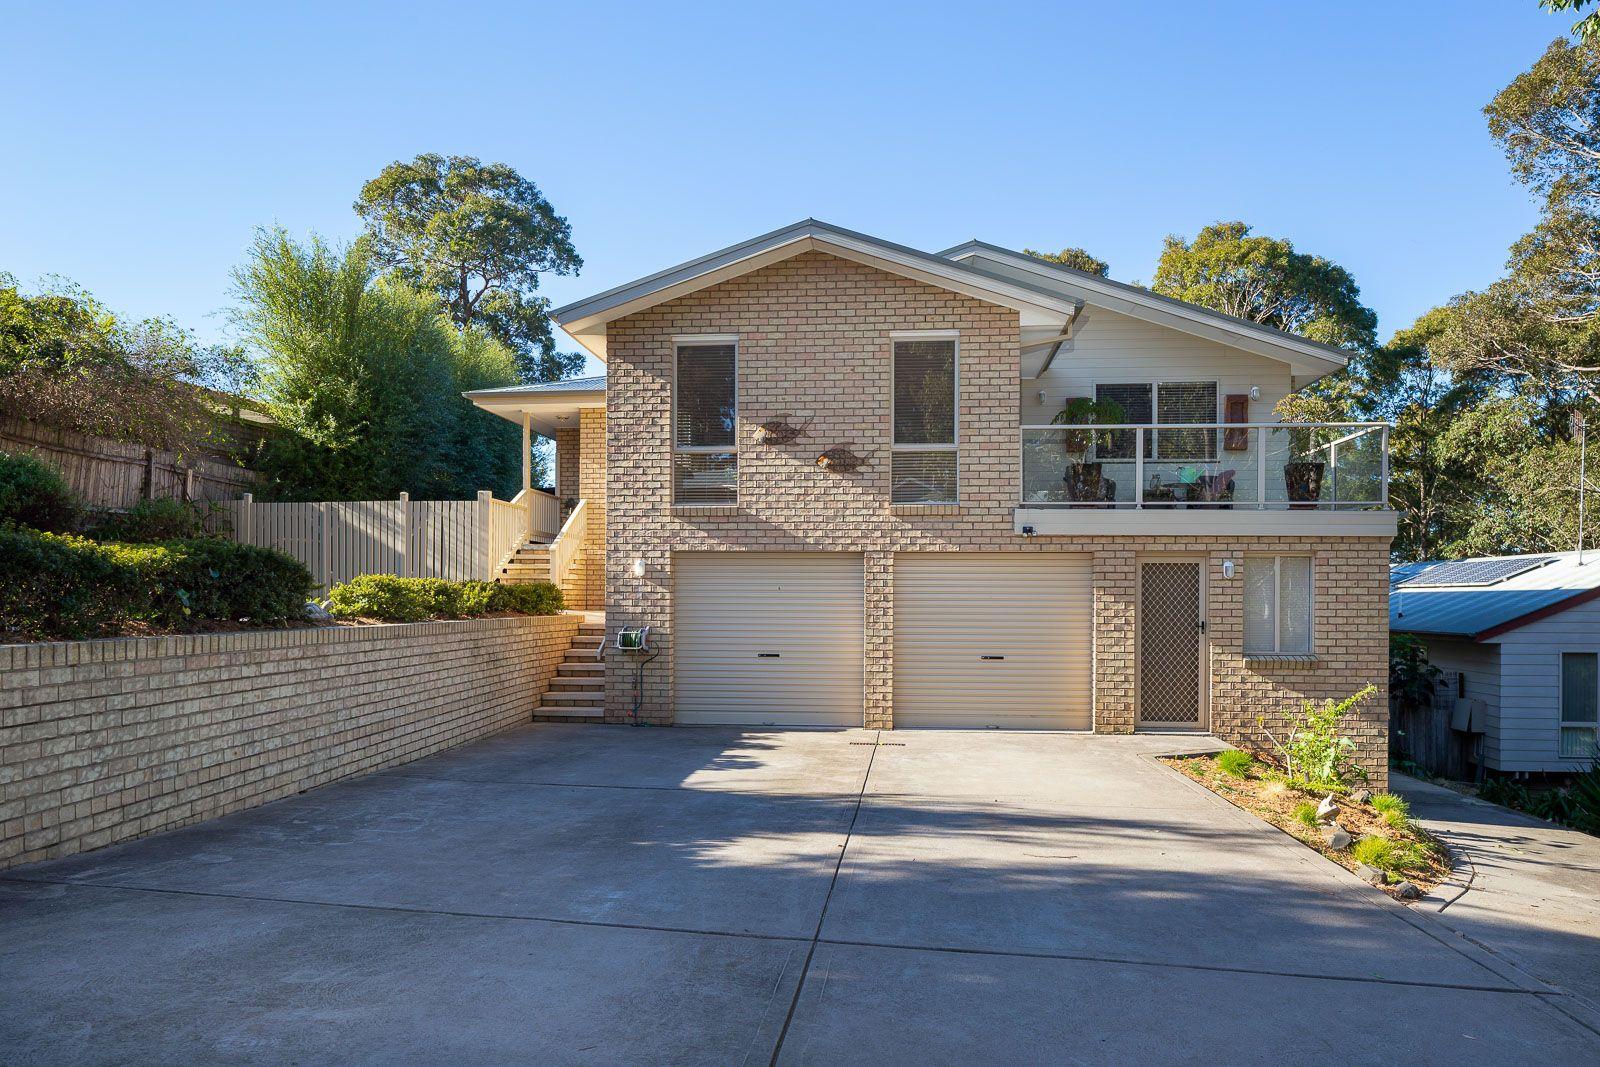 21 Merriwee Avenue, Malua Bay NSW 2536, Image 0